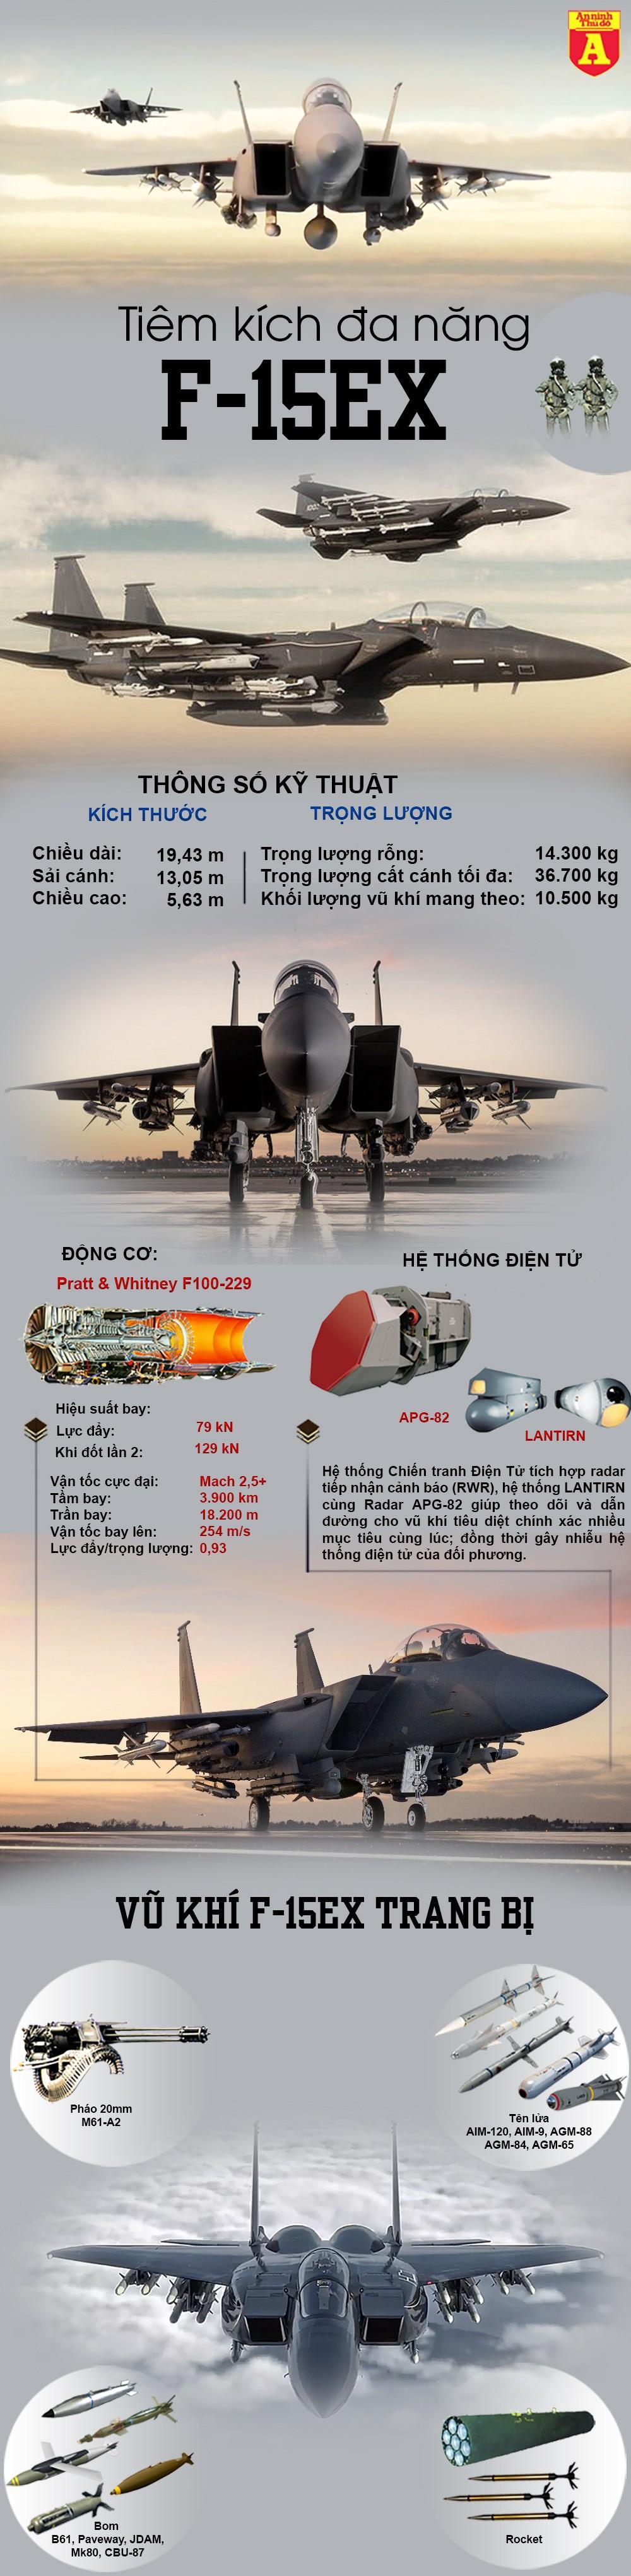 Mỹ vừa dùng F-15EX vừa 'tung đòn' hạ bệ Su-35 và Su-57 Nga Ảnh 2